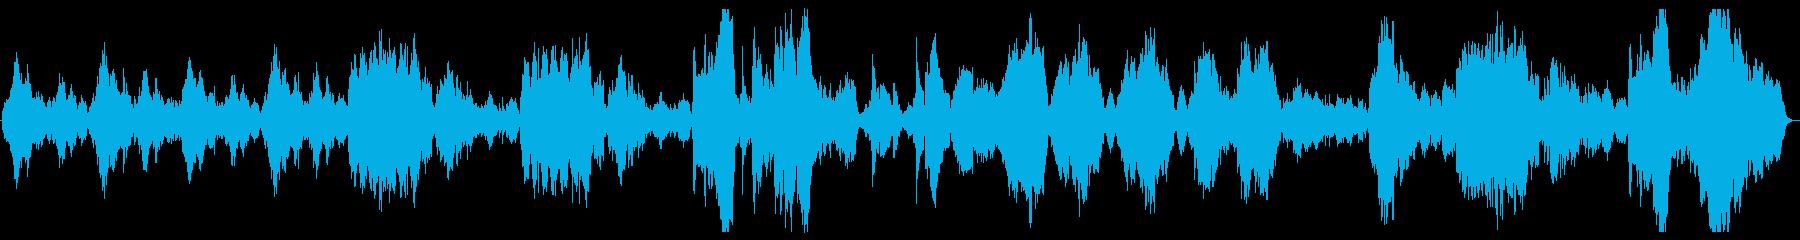 しっとりしたオーケストラの再生済みの波形